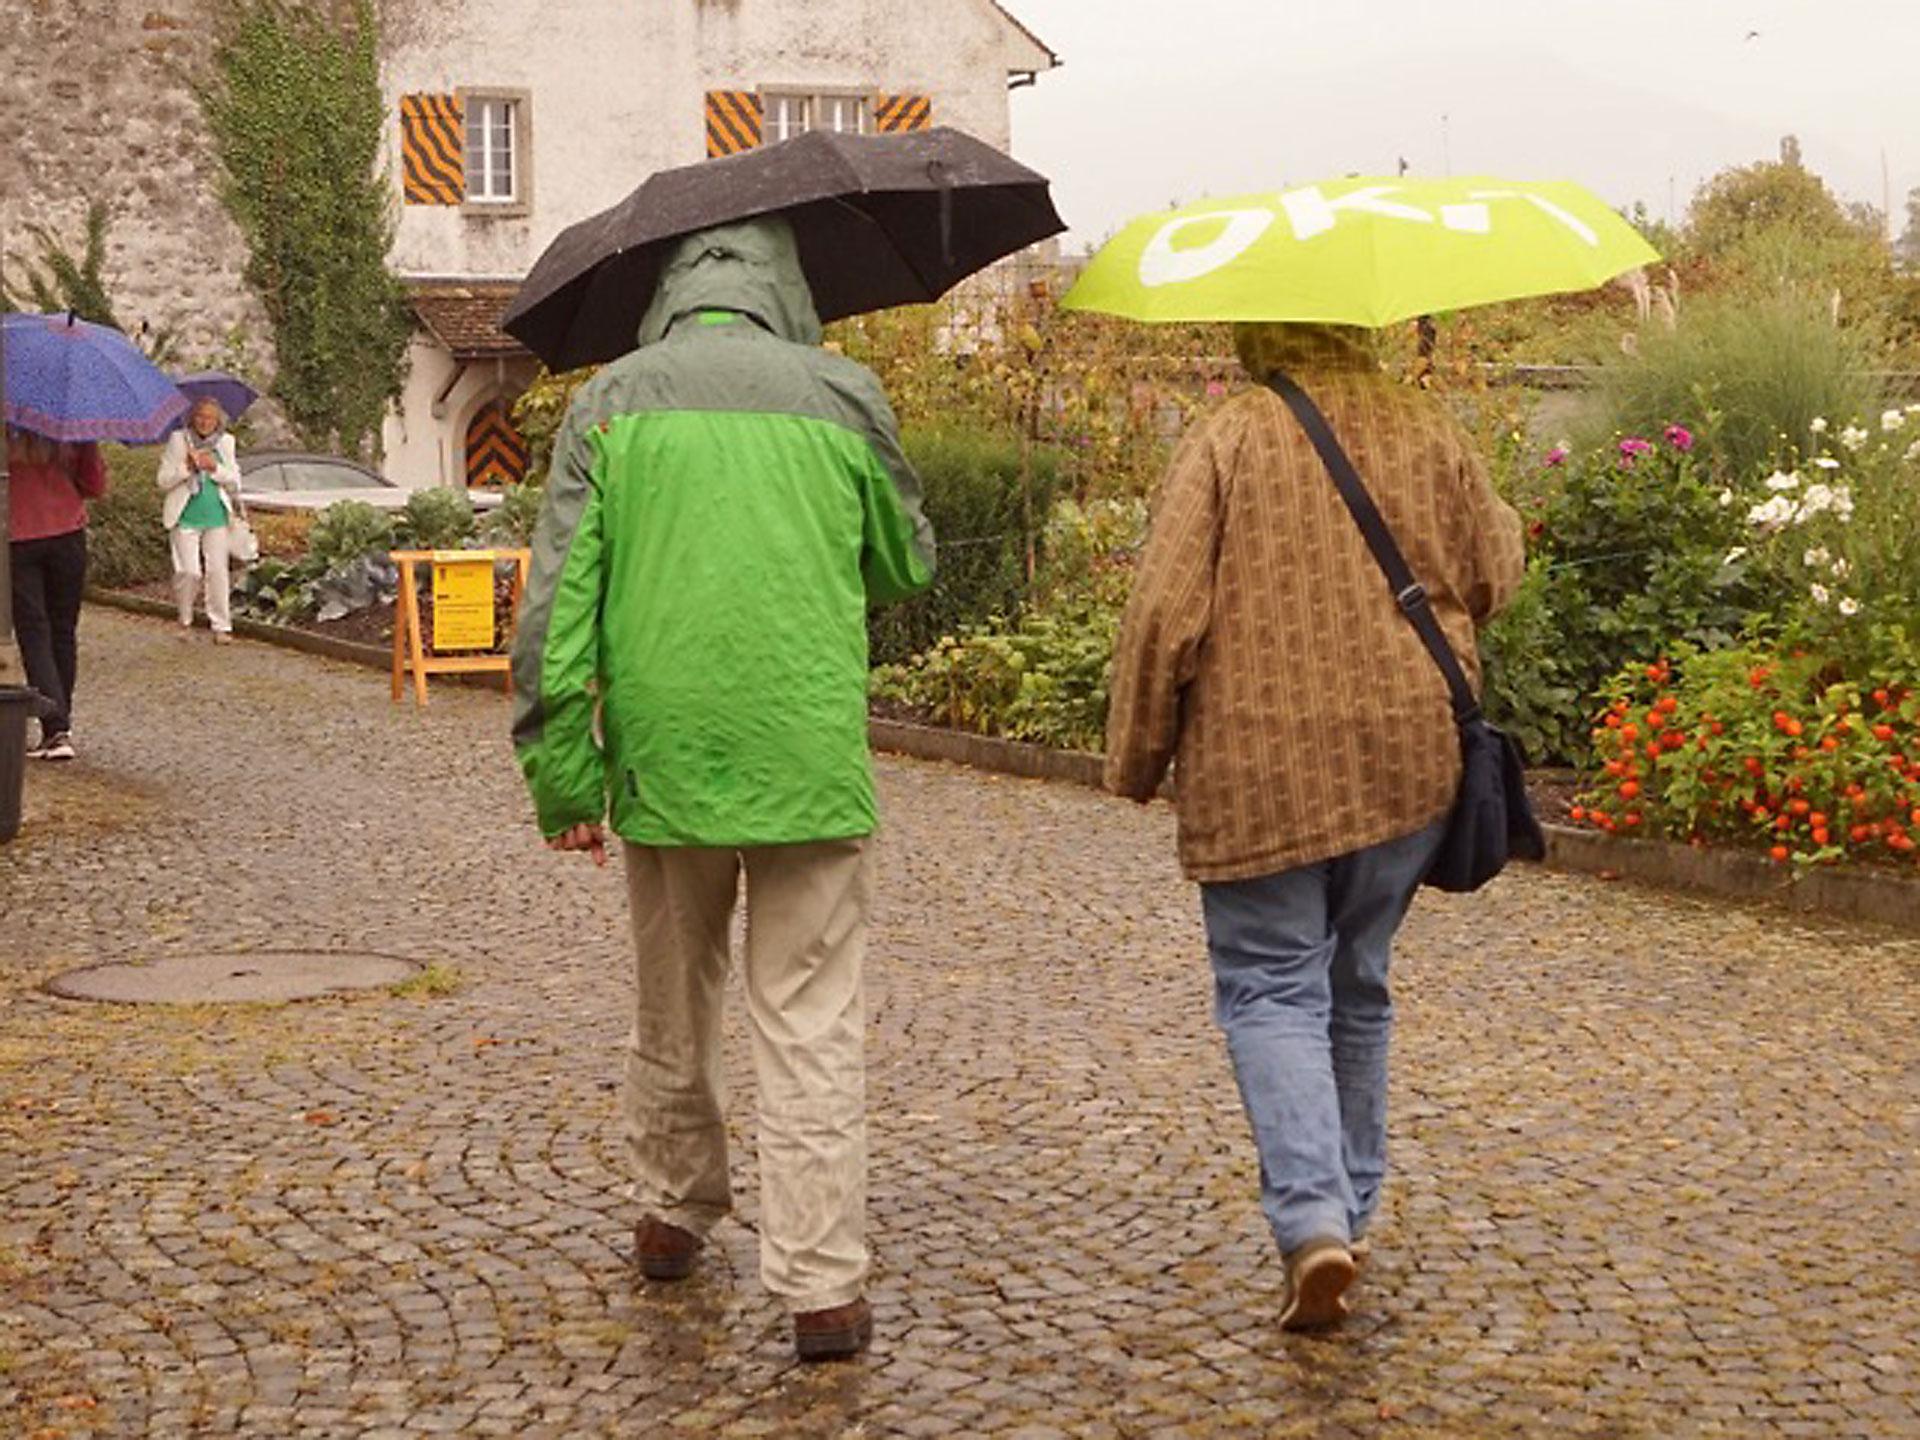 Gelb ein Schirm, gelb eine Blume, gelb ein Orientierungsschild.